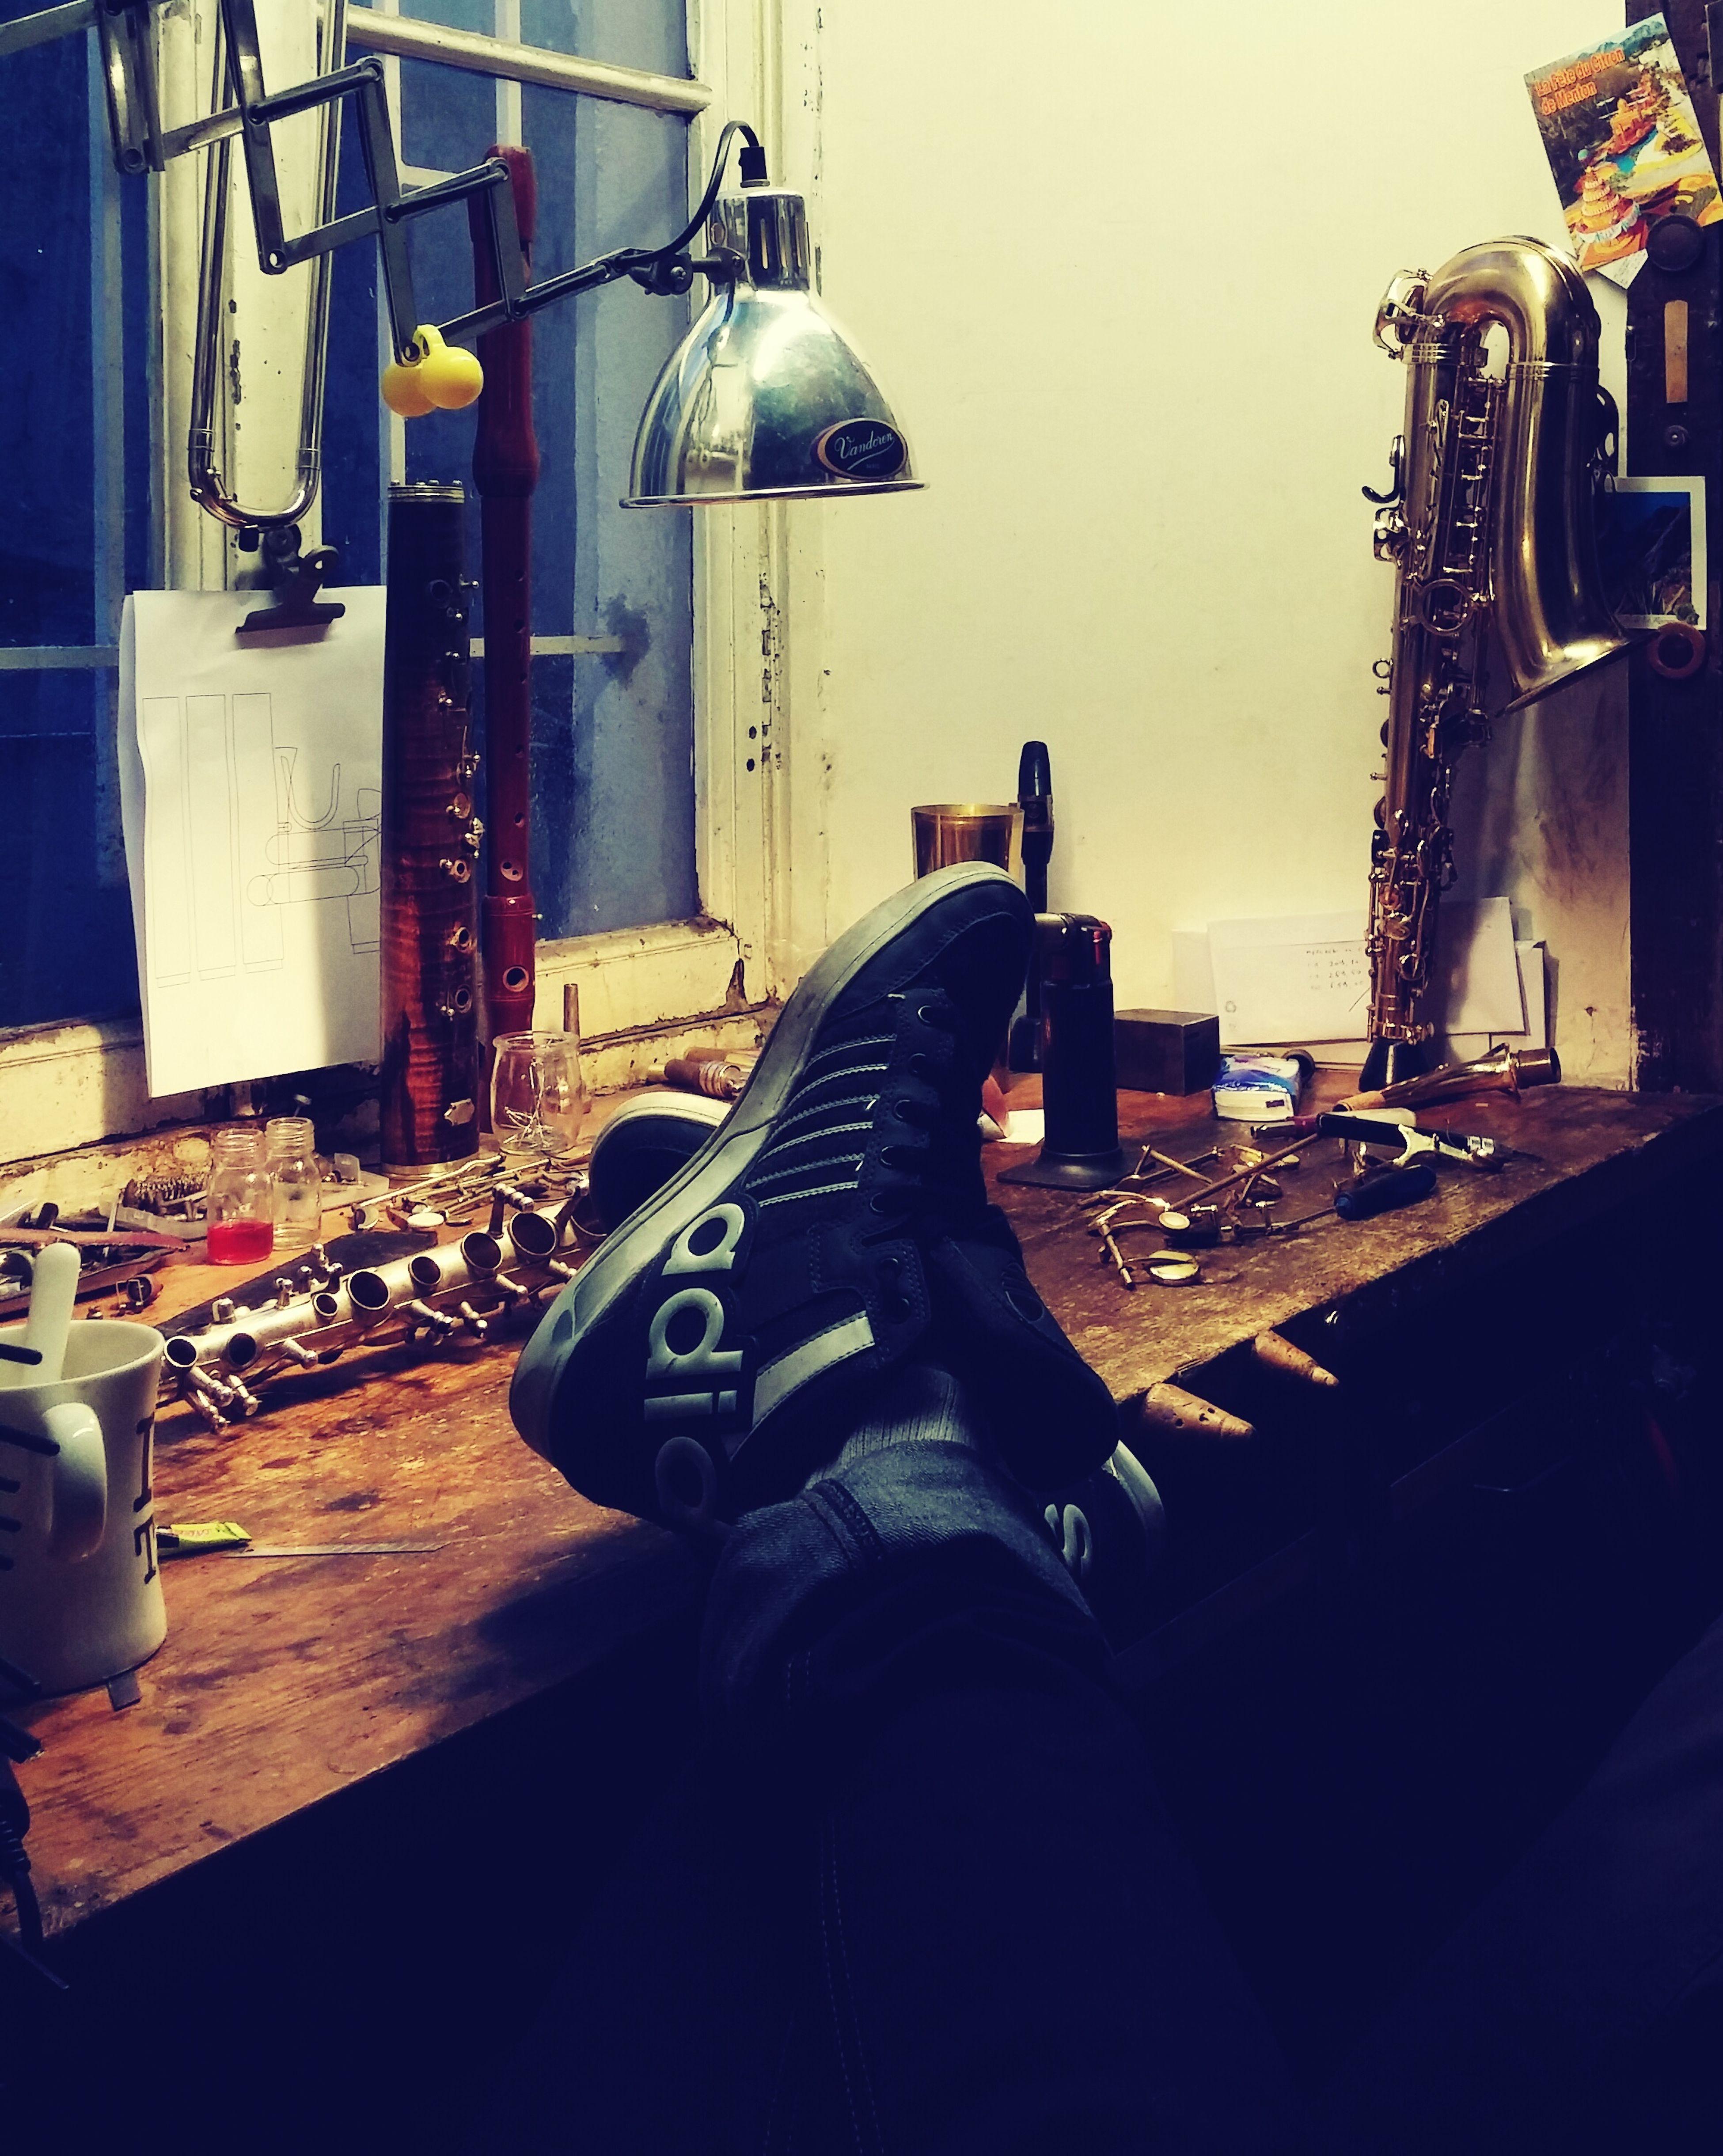 Petit pause atelier!!! Music Toutpourlamusique Nice France